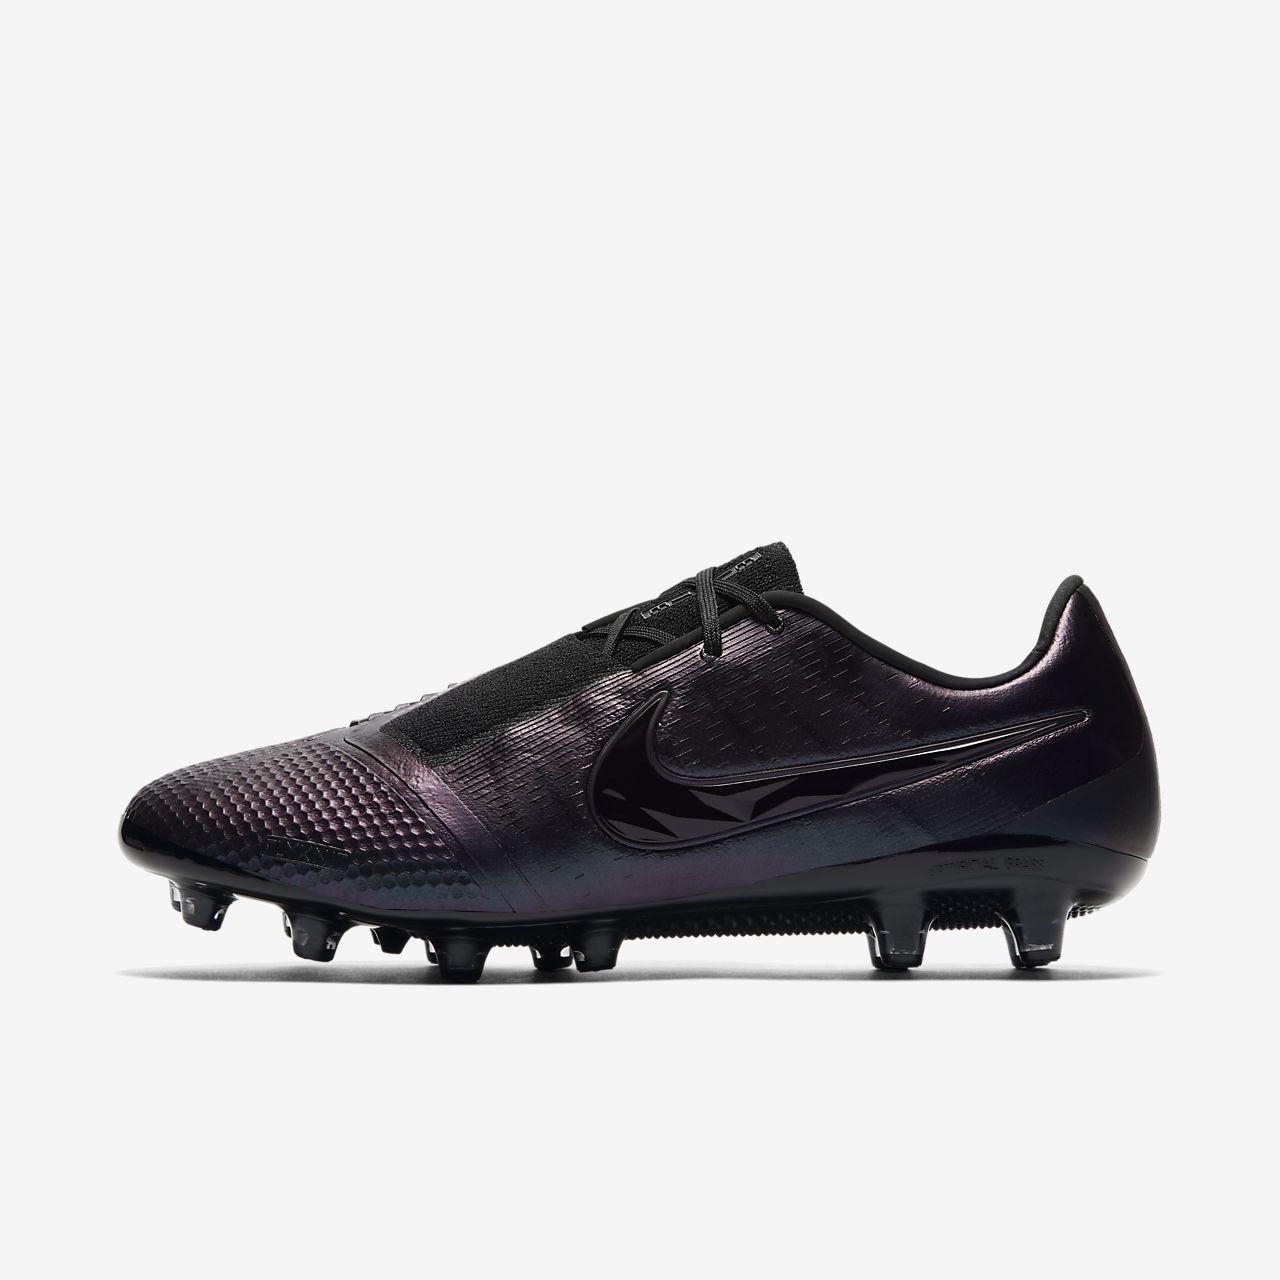 Nike Phantom Venom Elite AG-Pro-fodboldstøvle til kunstgræs